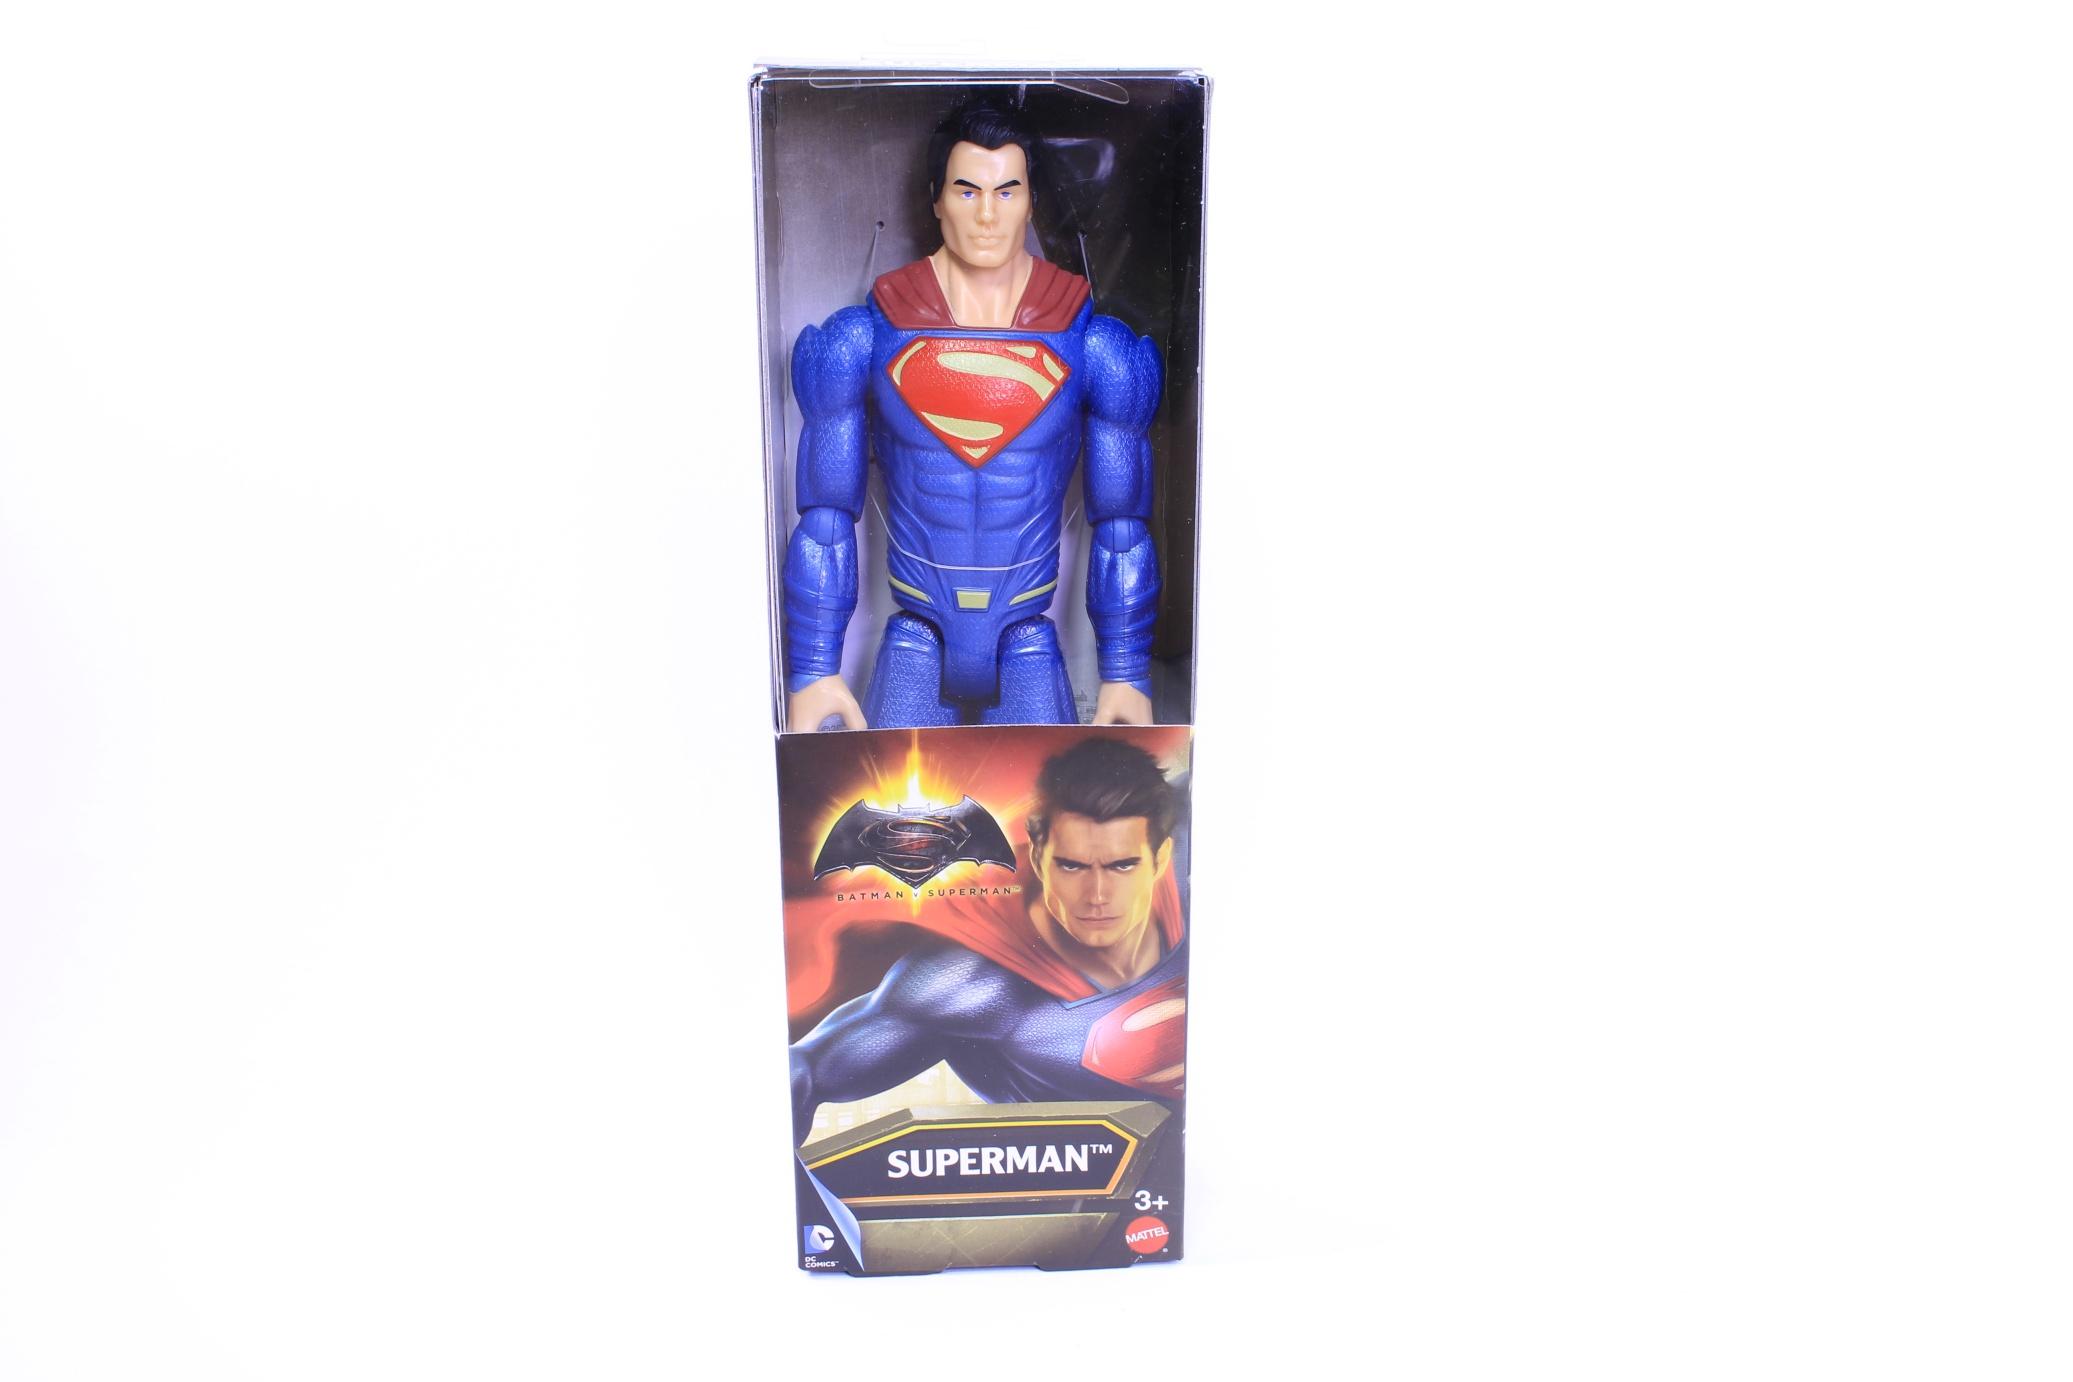 Pack de 2 Batman vs Superman Figures 12 Inch Mattel DLN32